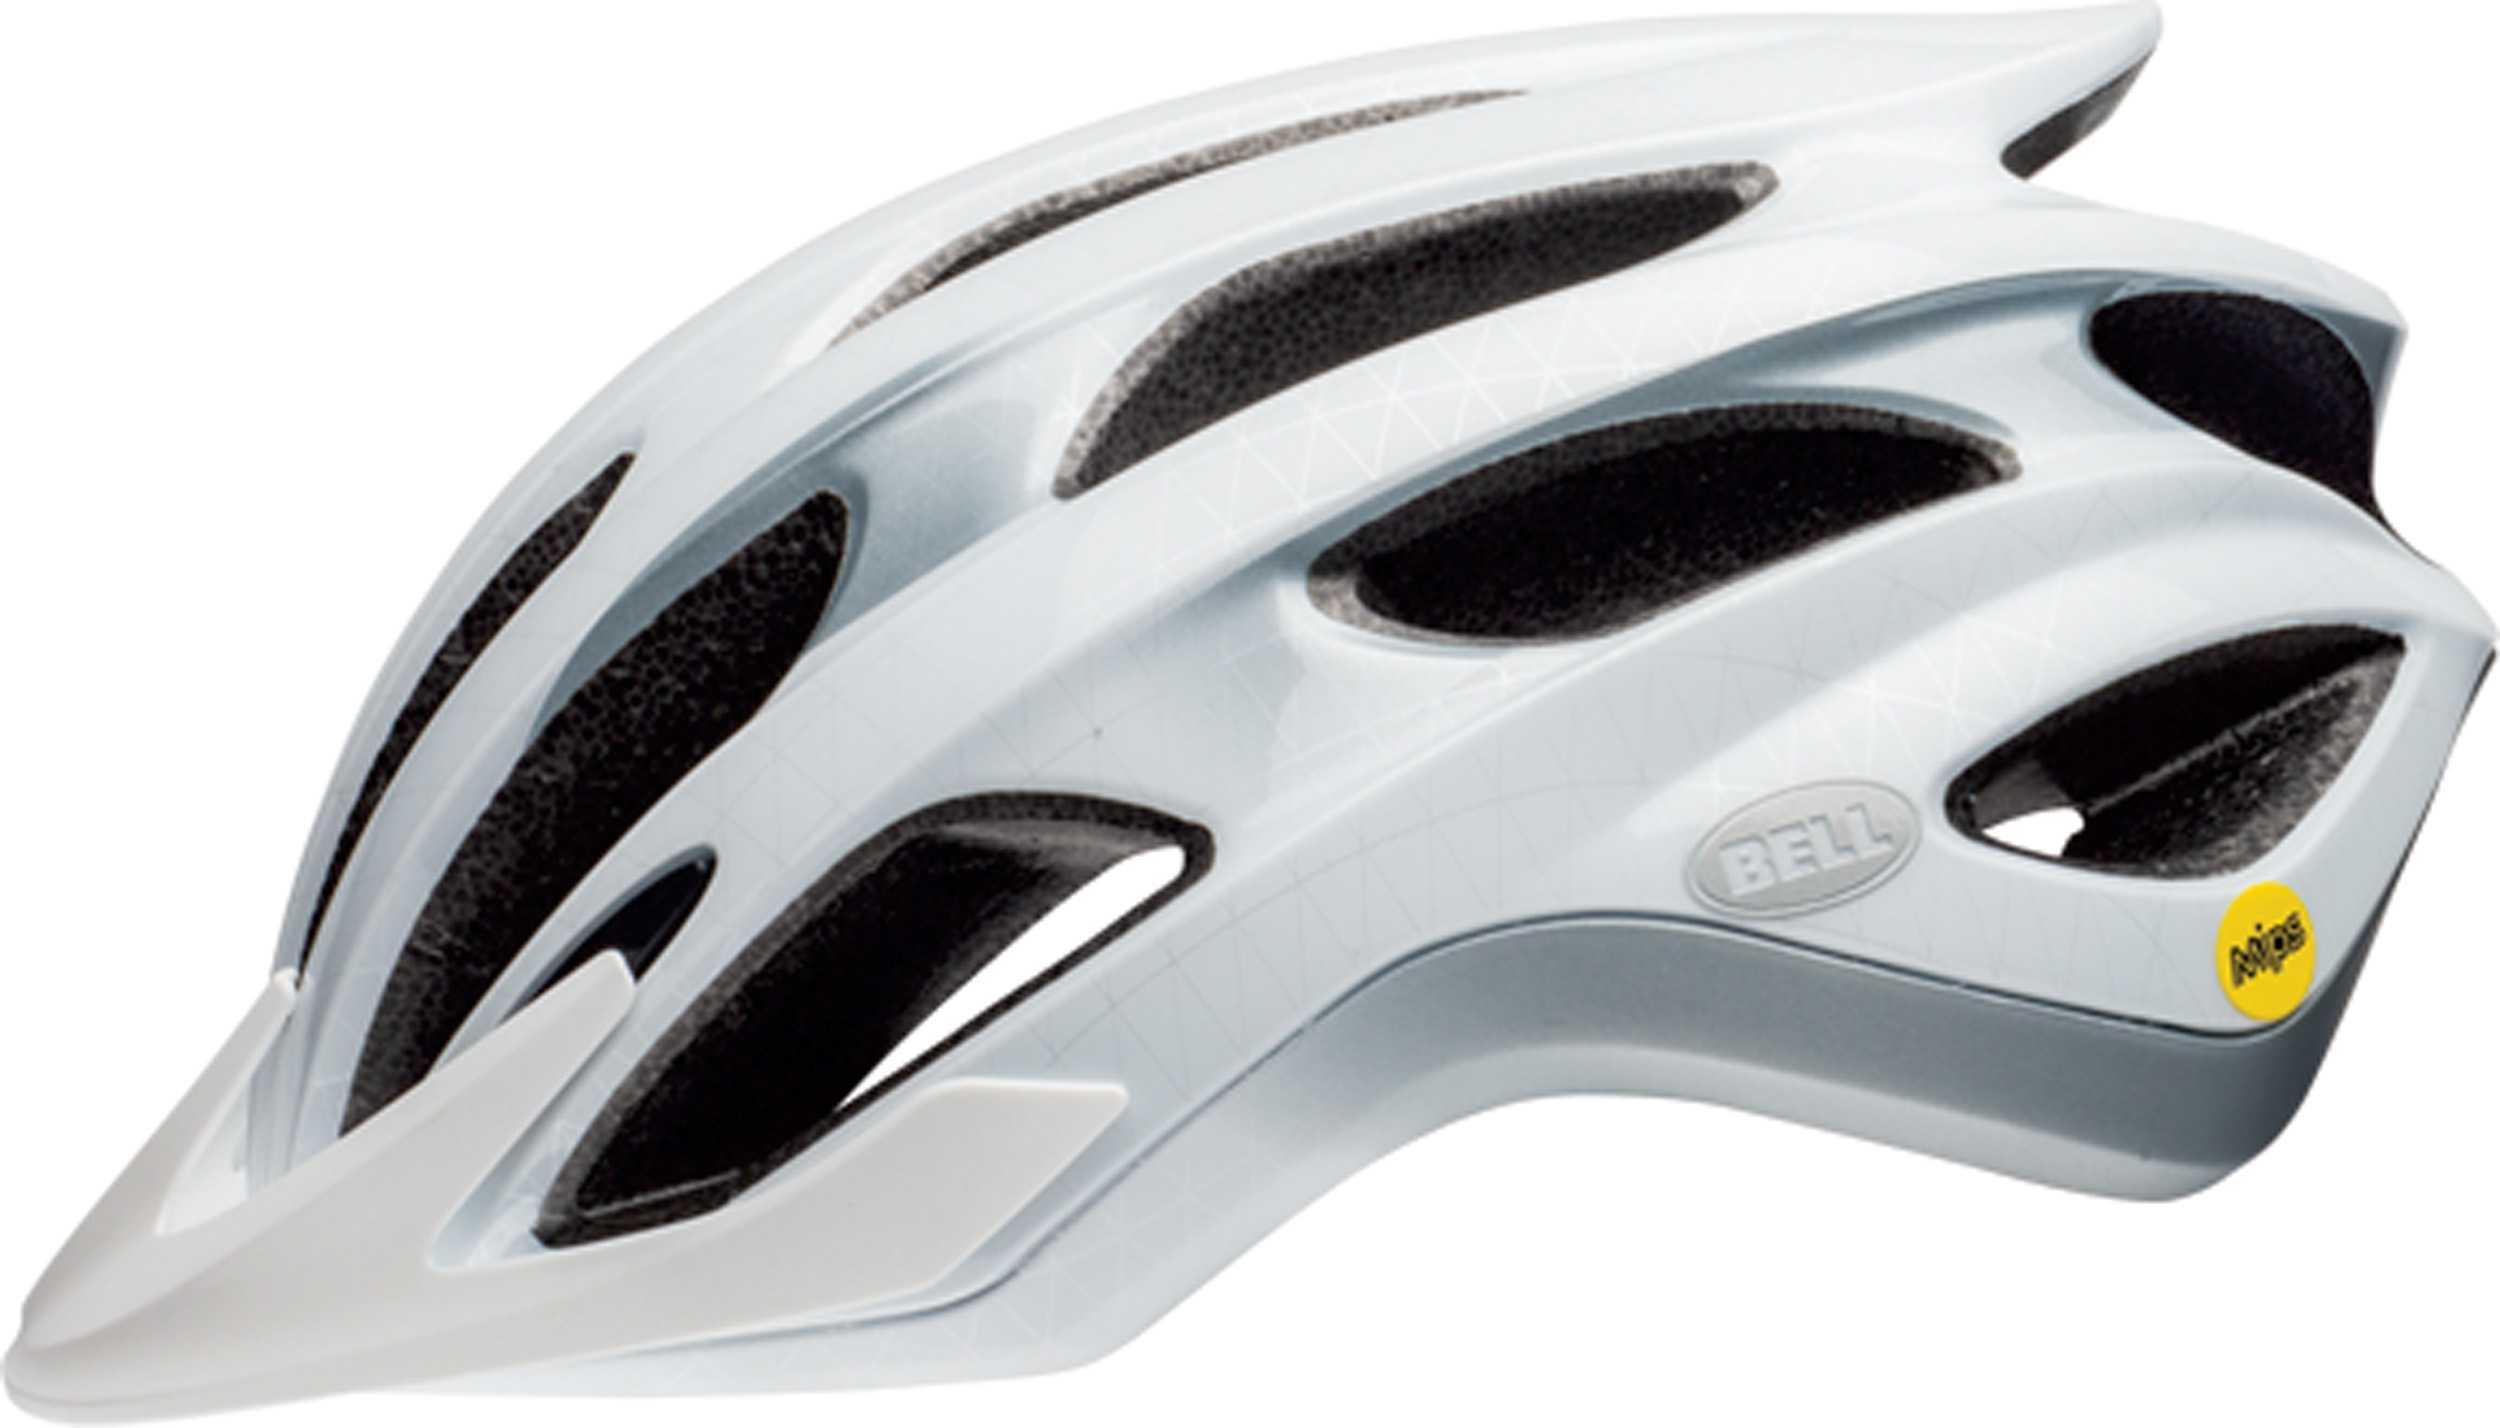 Bell Drifter MIPS Helmet - matte/gloss silver/light+dark gray | Helmets